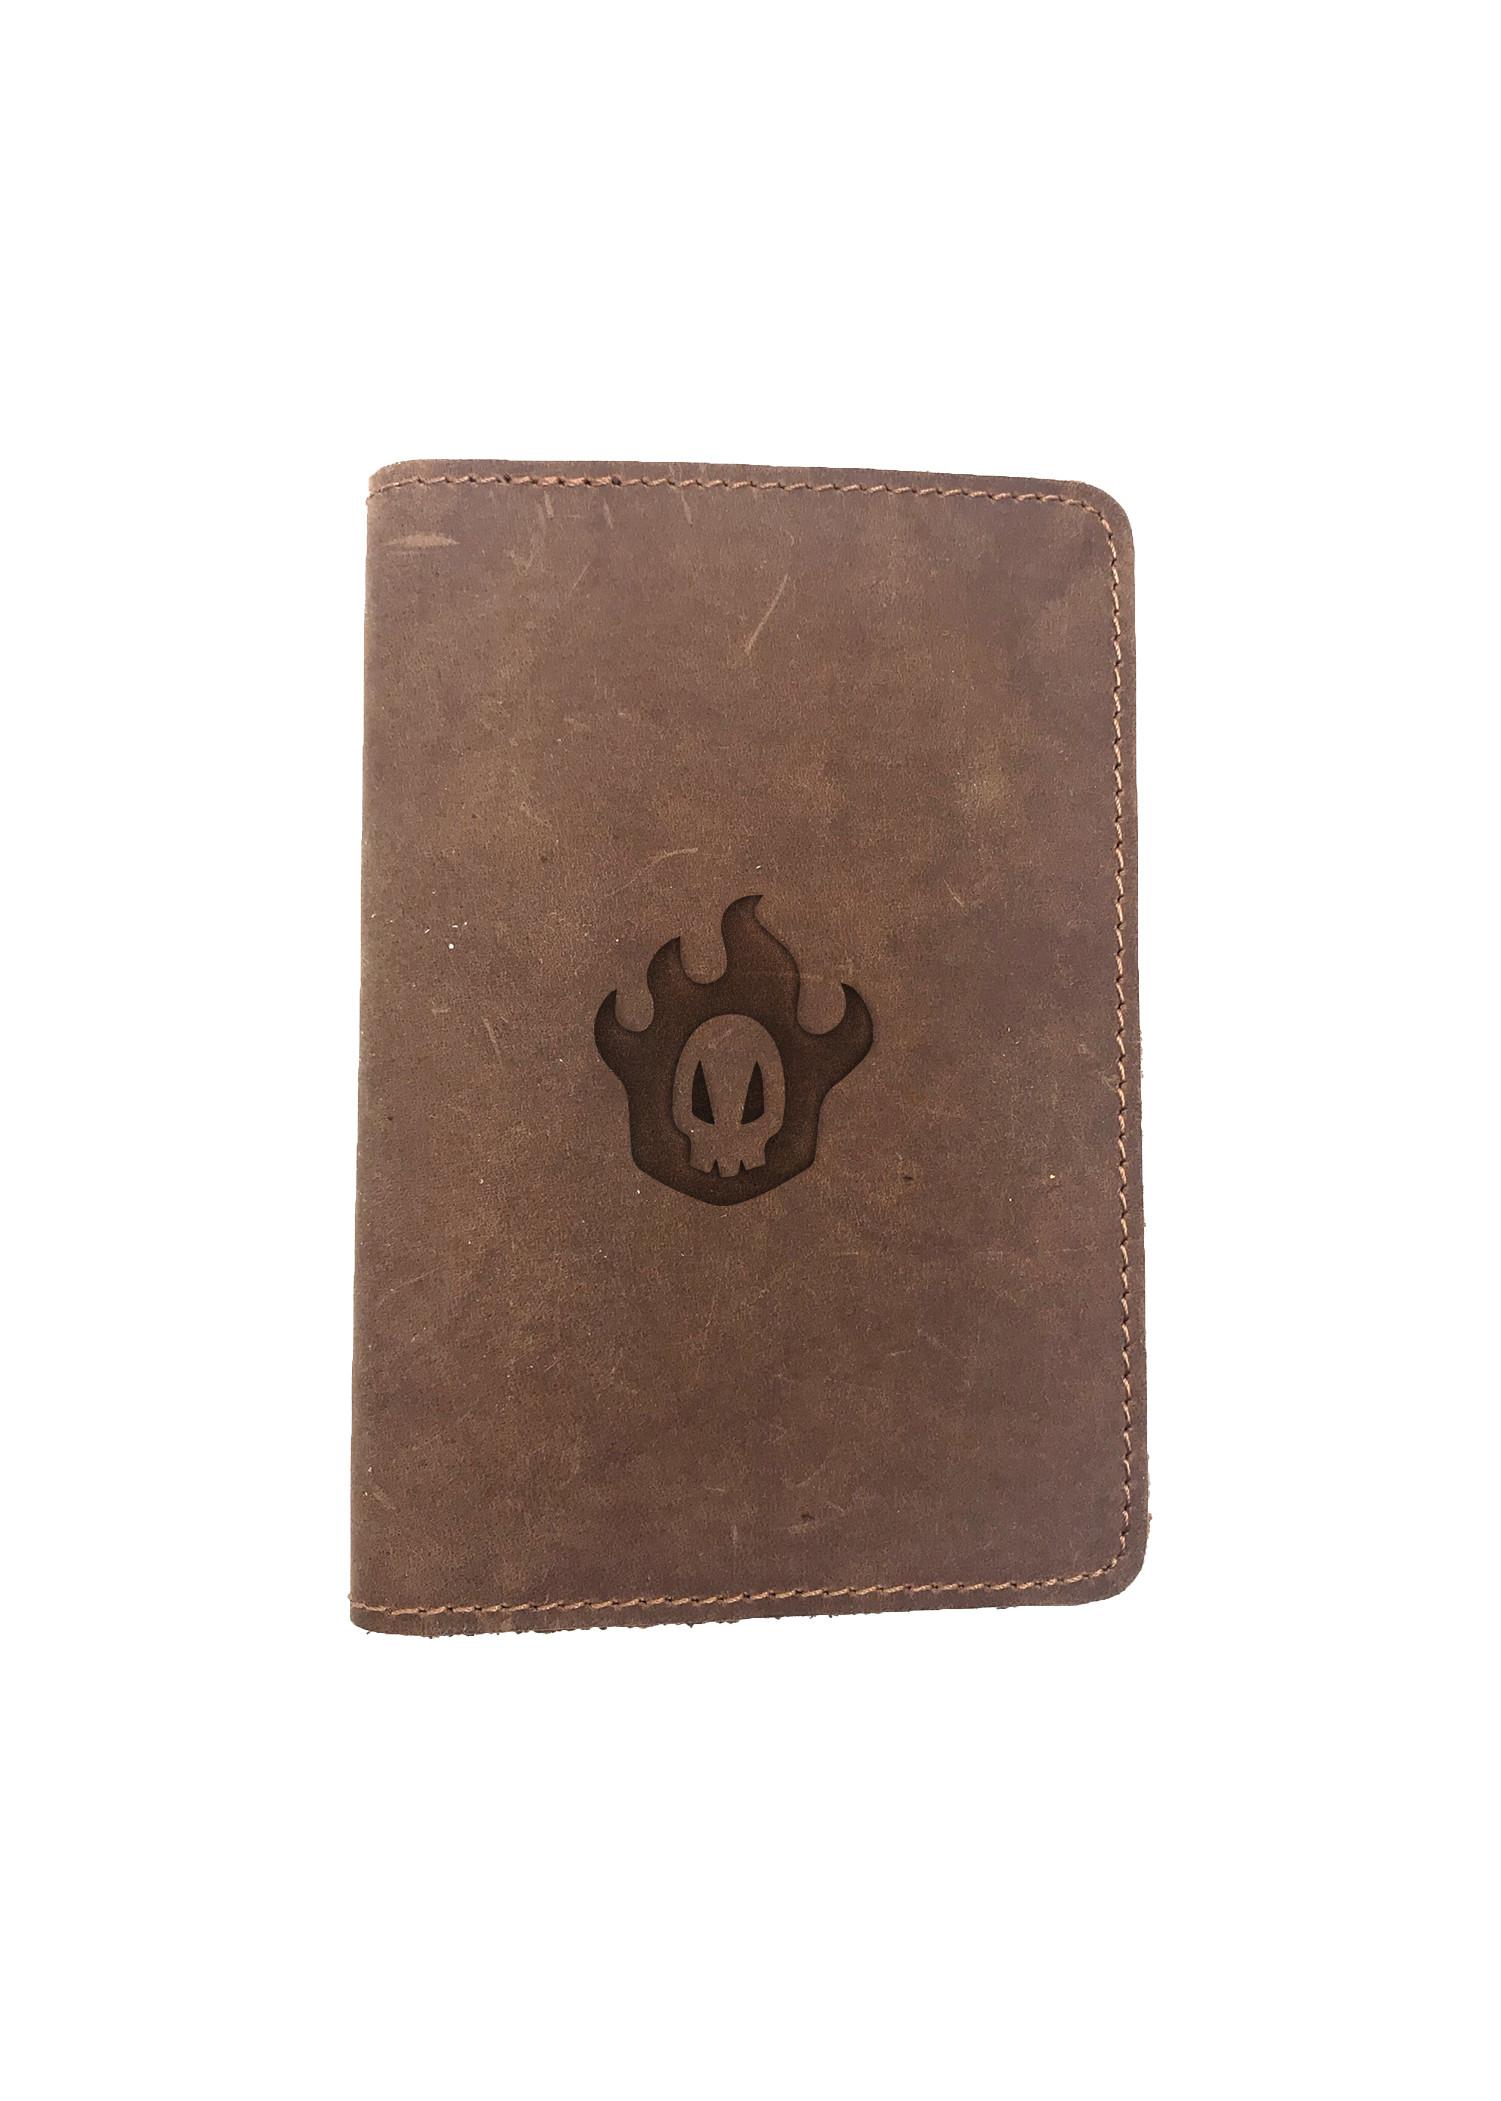 Passport Cover Bao Da Hộ Chiếu Da Sáp Khắc Hình Kí hiệu SYMBOL BLEACH RUKIA SYMBOL (BROWN)